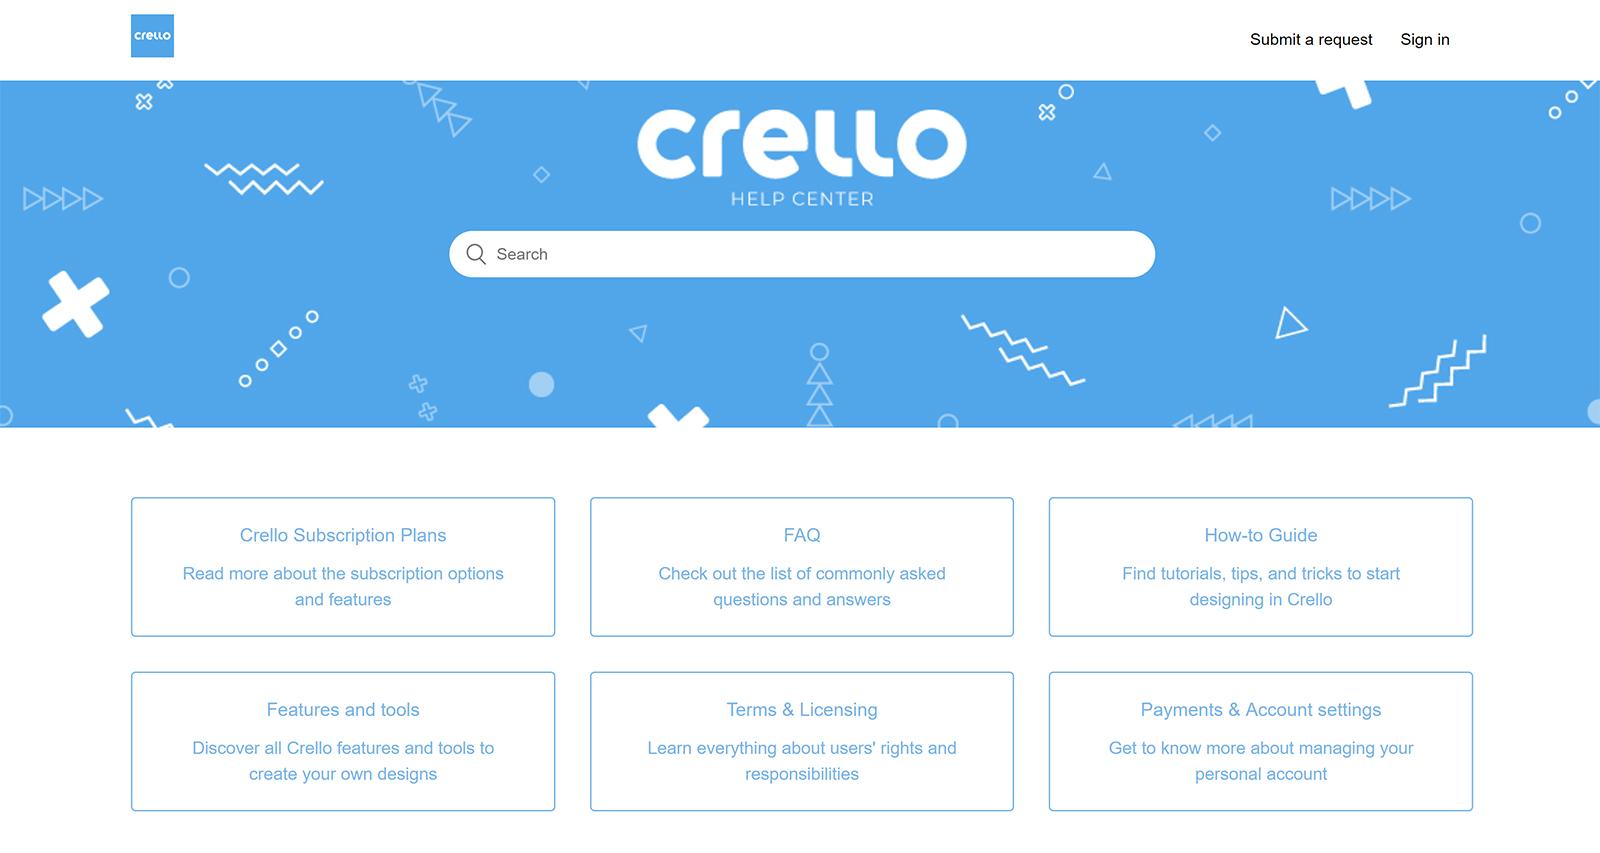 Crello Help Centre